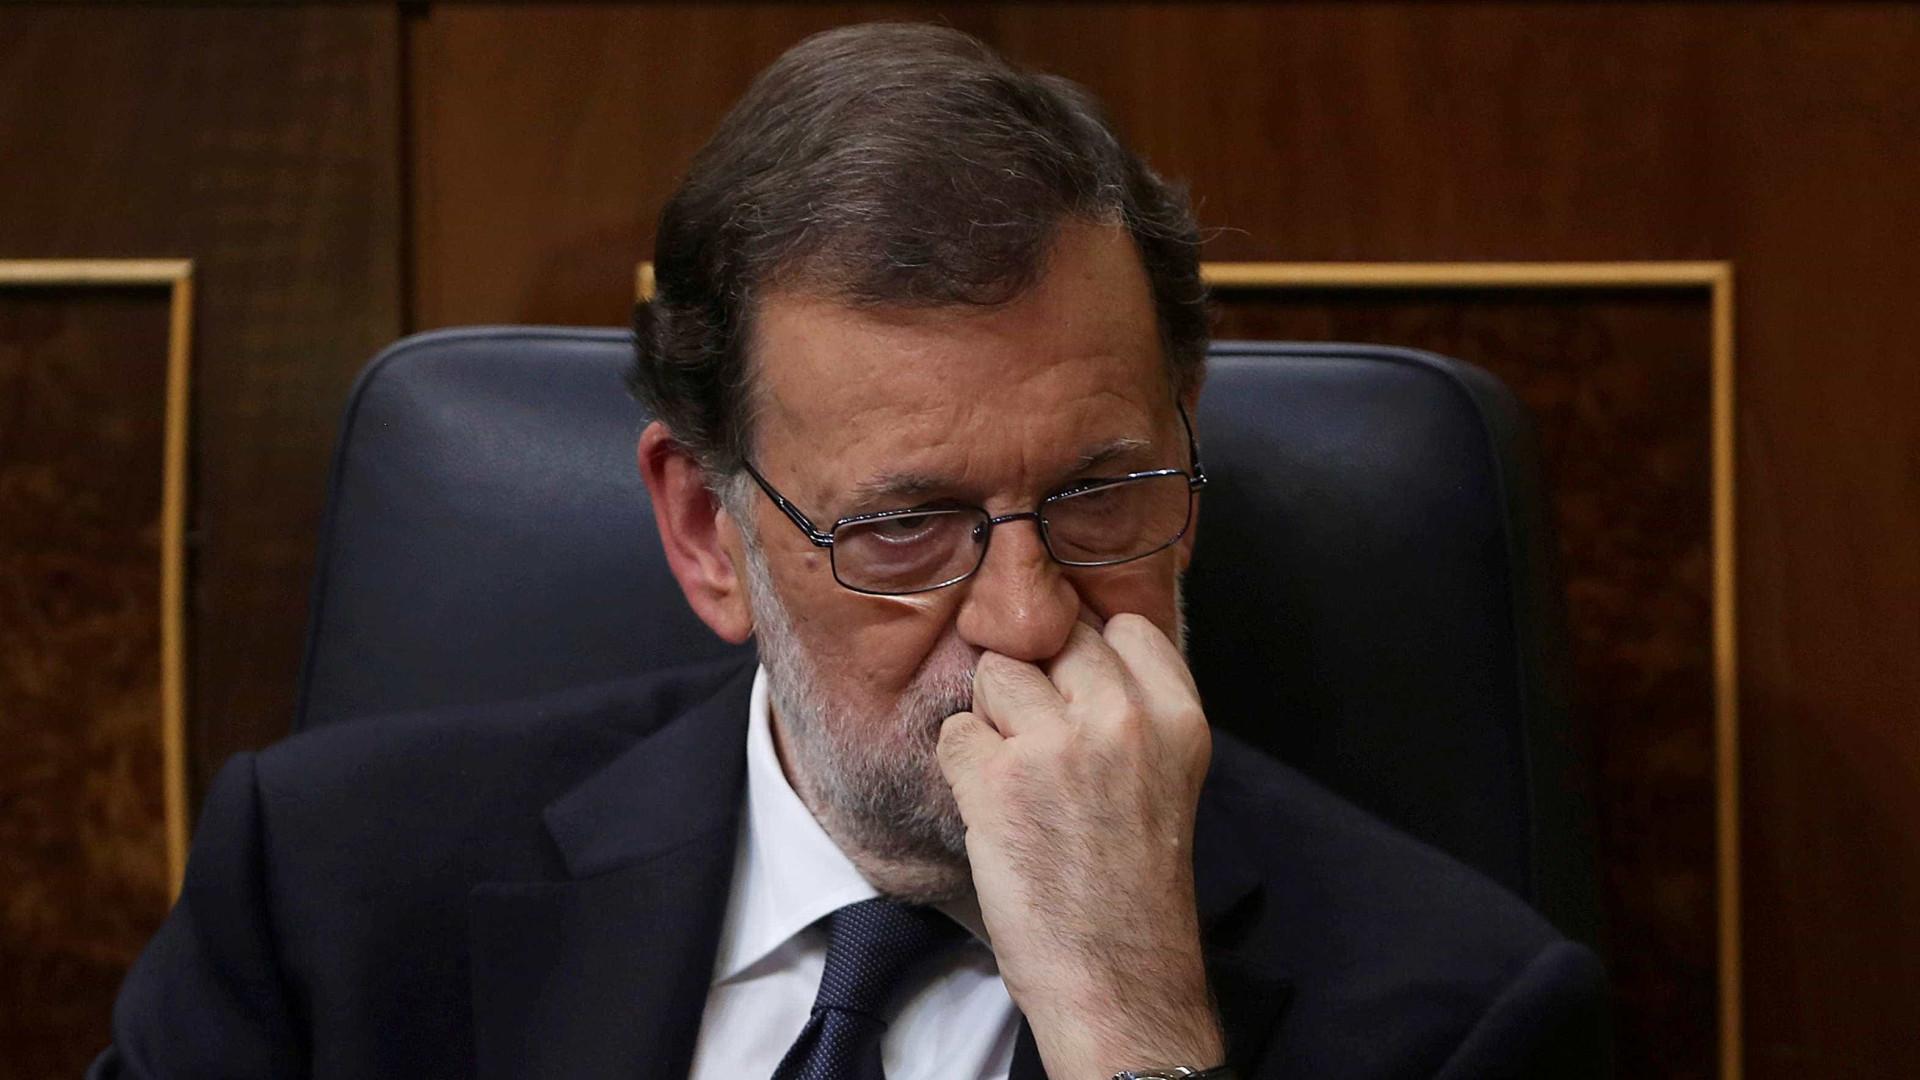 Rajoy pede para ser ouvido como testemunha em caso de corrupção